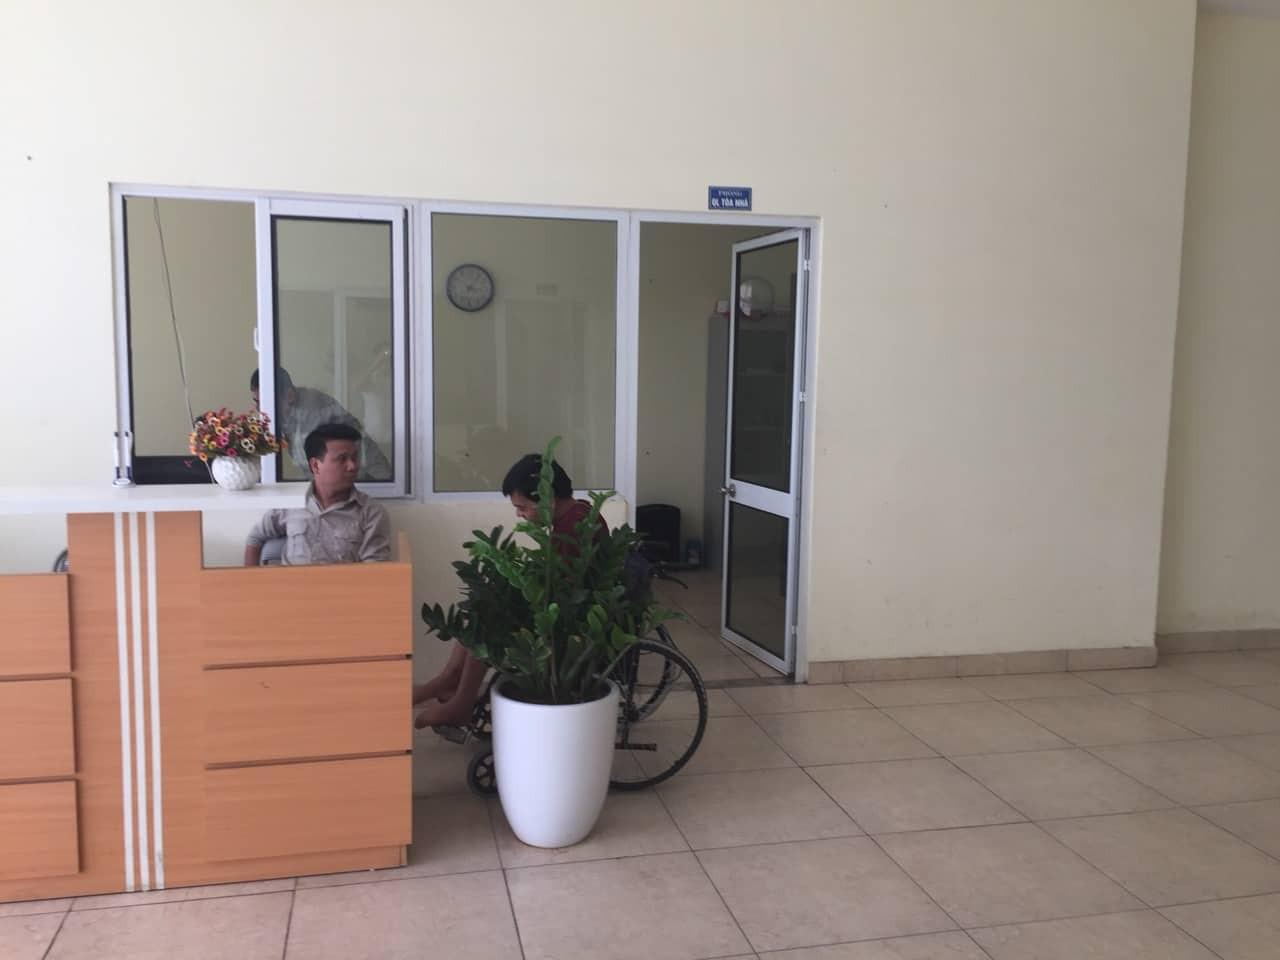 Hà Nội: Gần chục người đánh hội đồng thành viên ban quản lý chung cư Đại Kim - Ảnh 1